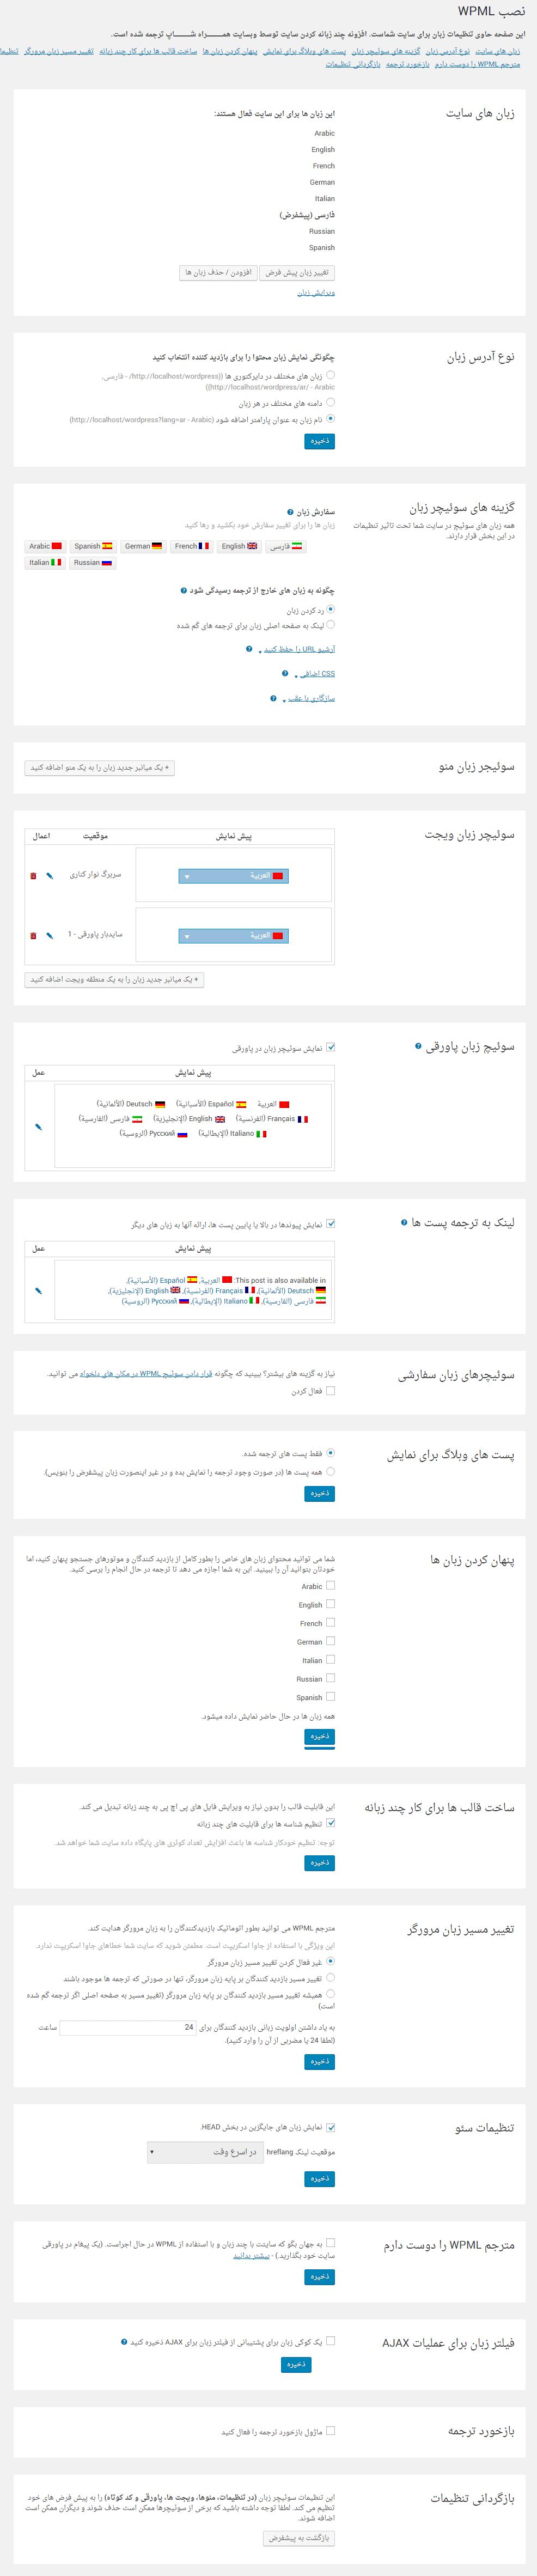 تنظیمات محل نمایش زبان و زبان های مورد نیاز